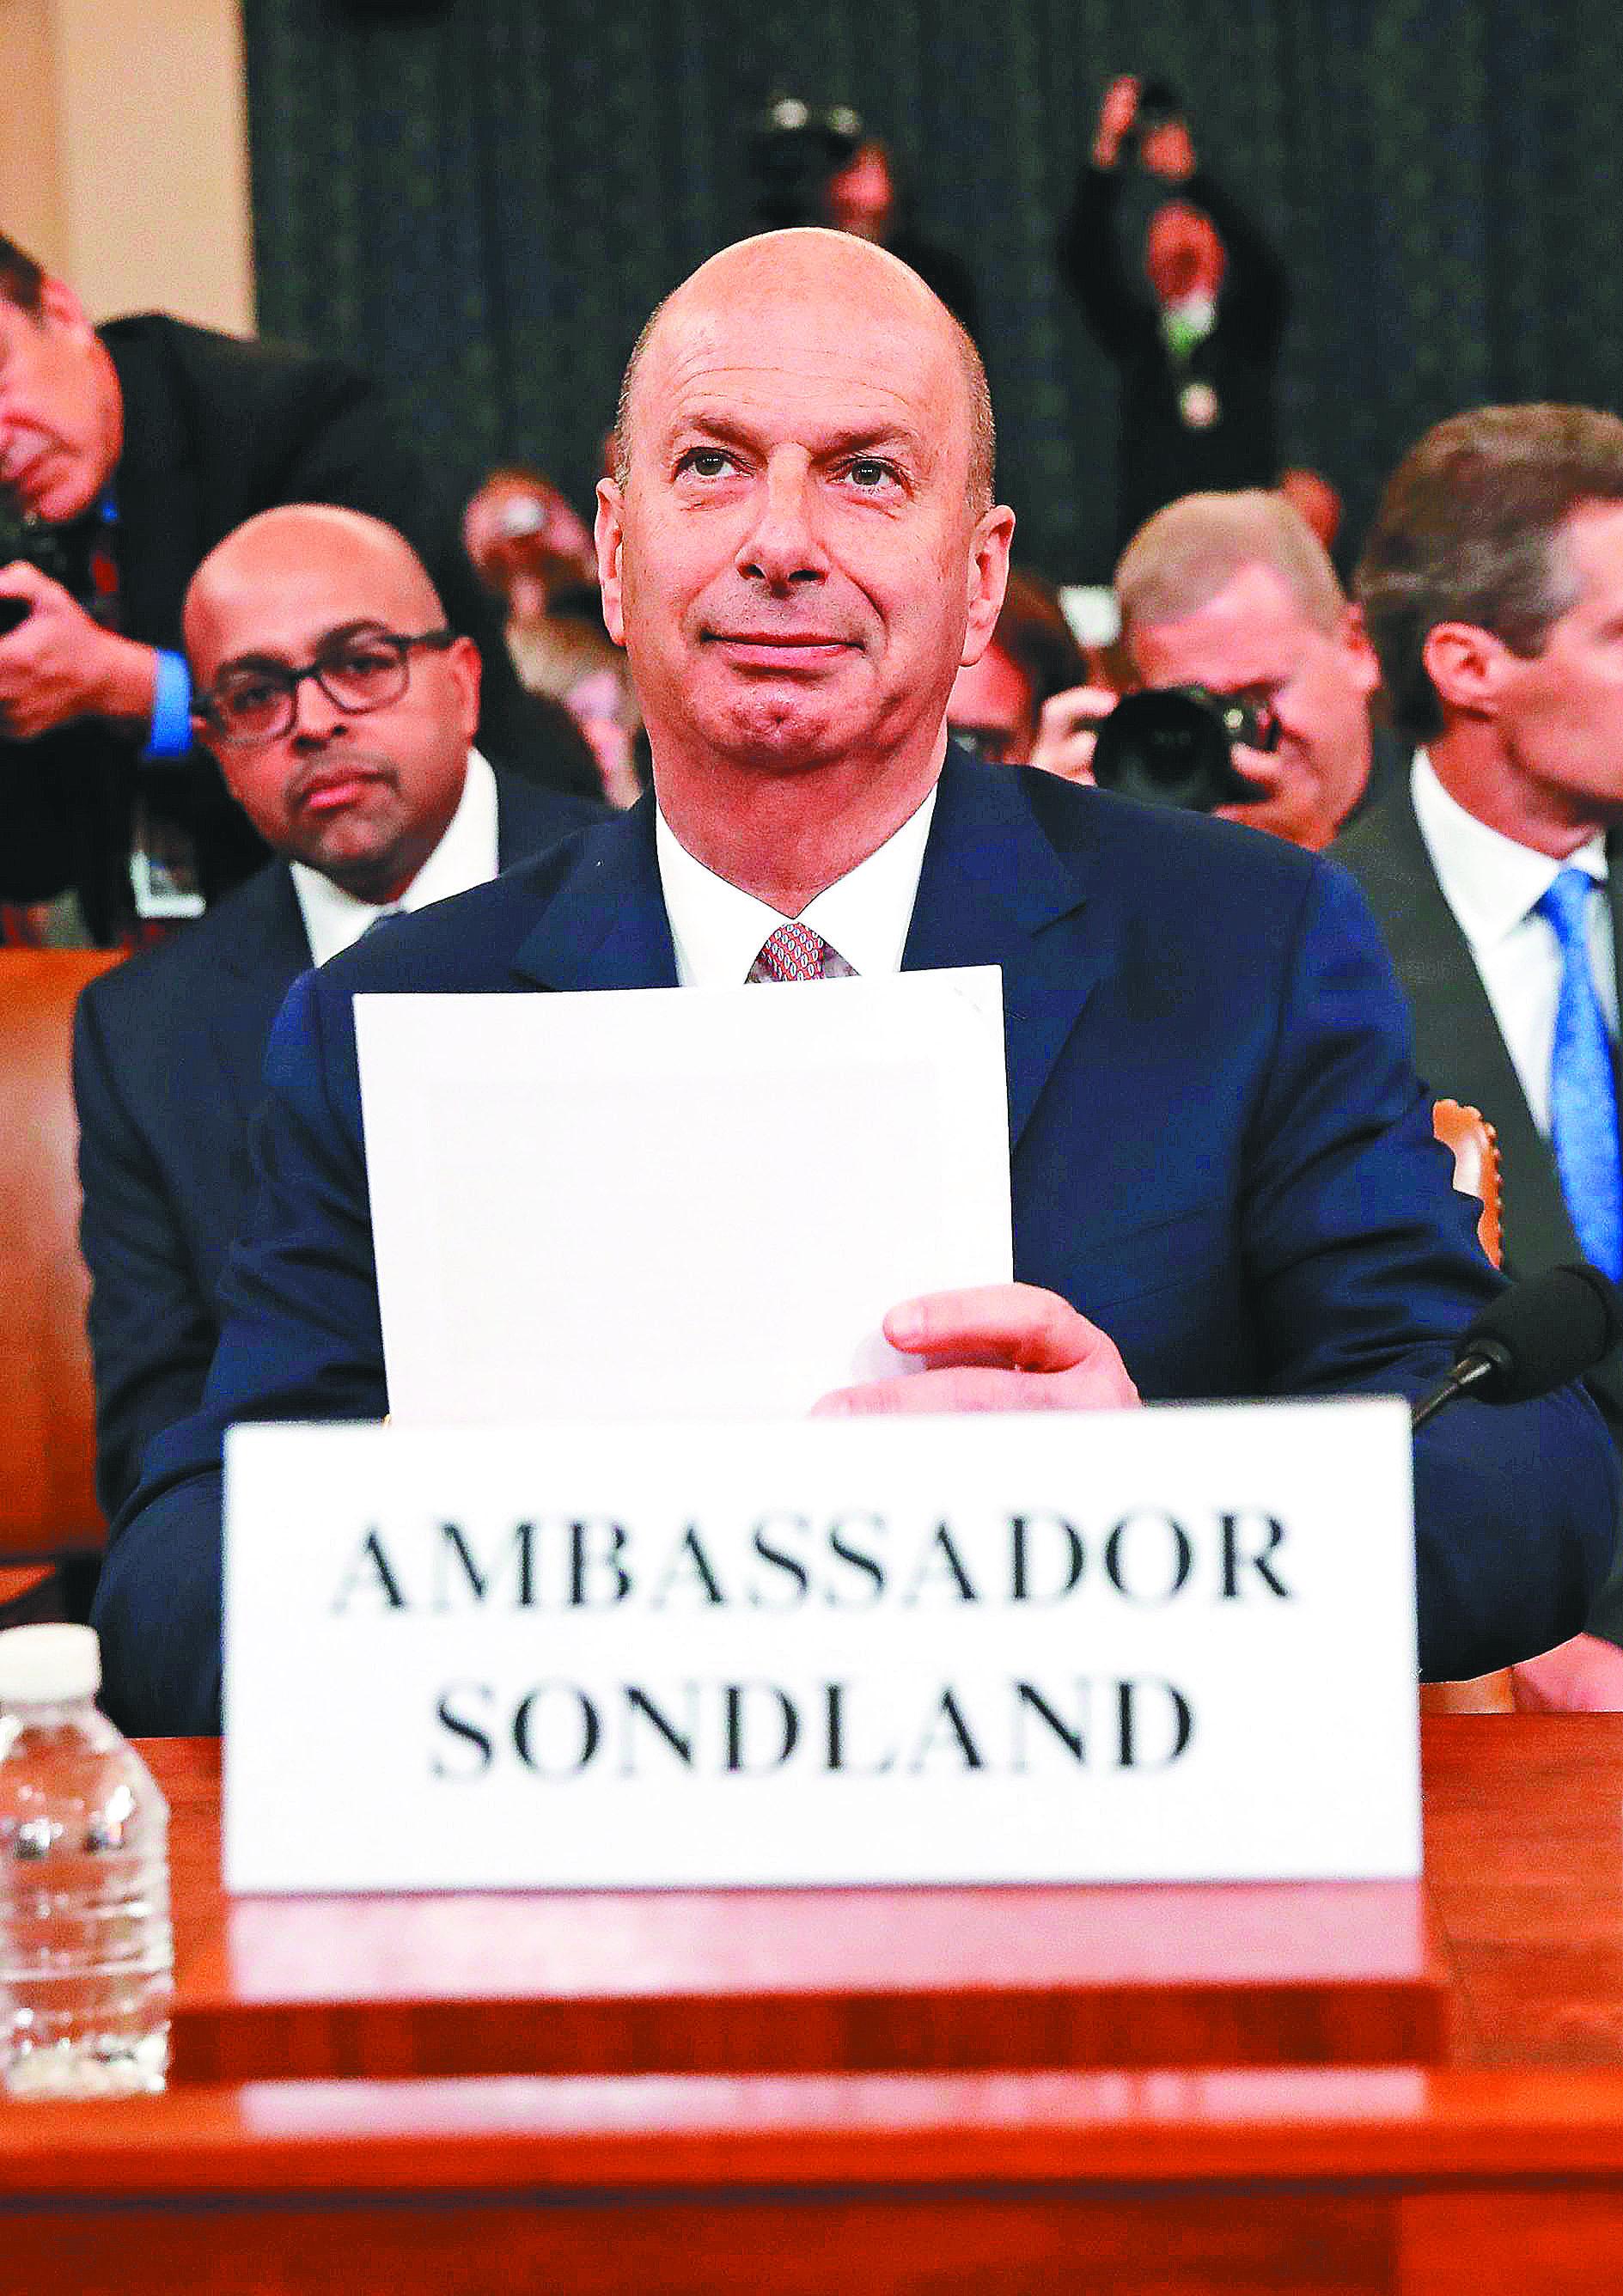 普彈劾案獲判無罪後,曾前往國會作證的美國駐歐盟大使桑德蘭也遭開除。(Getty Images)